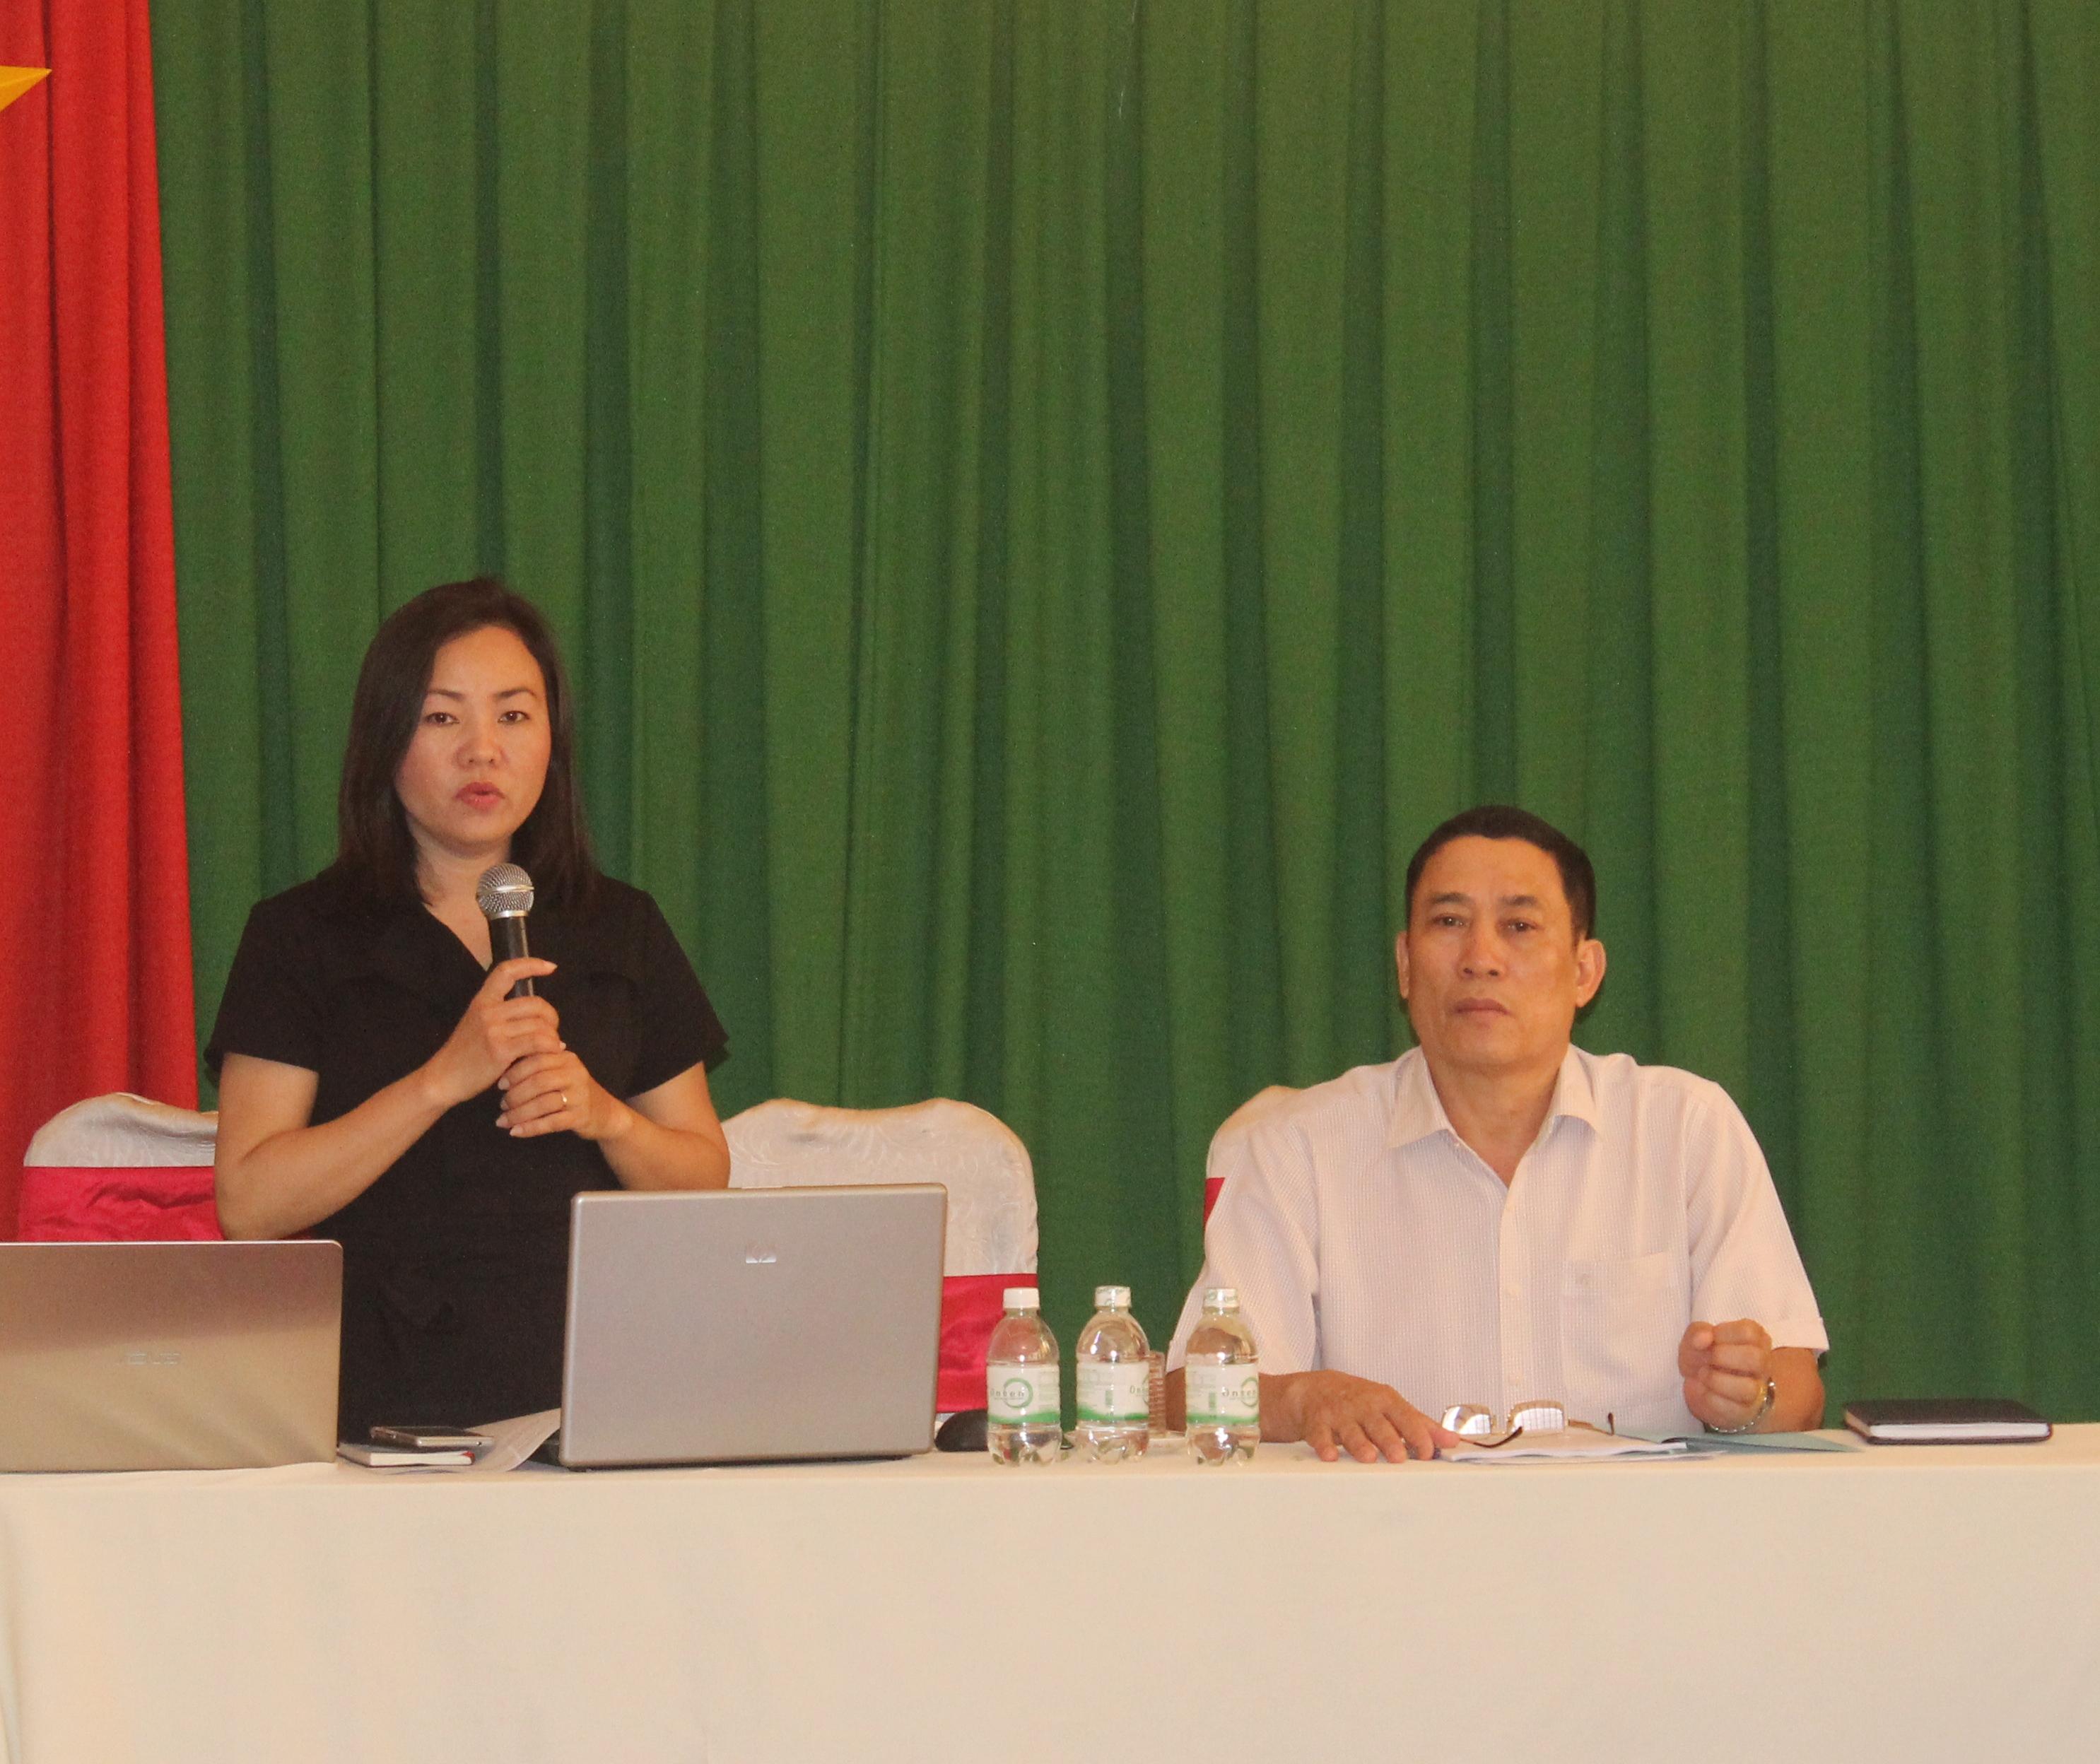 Hội thảo khoa học: Đời sống của đồng bào dân tộc thiểu số theo chuẩn nghèo đa chiều trên địa bàn tỉnh Đắk Lắk